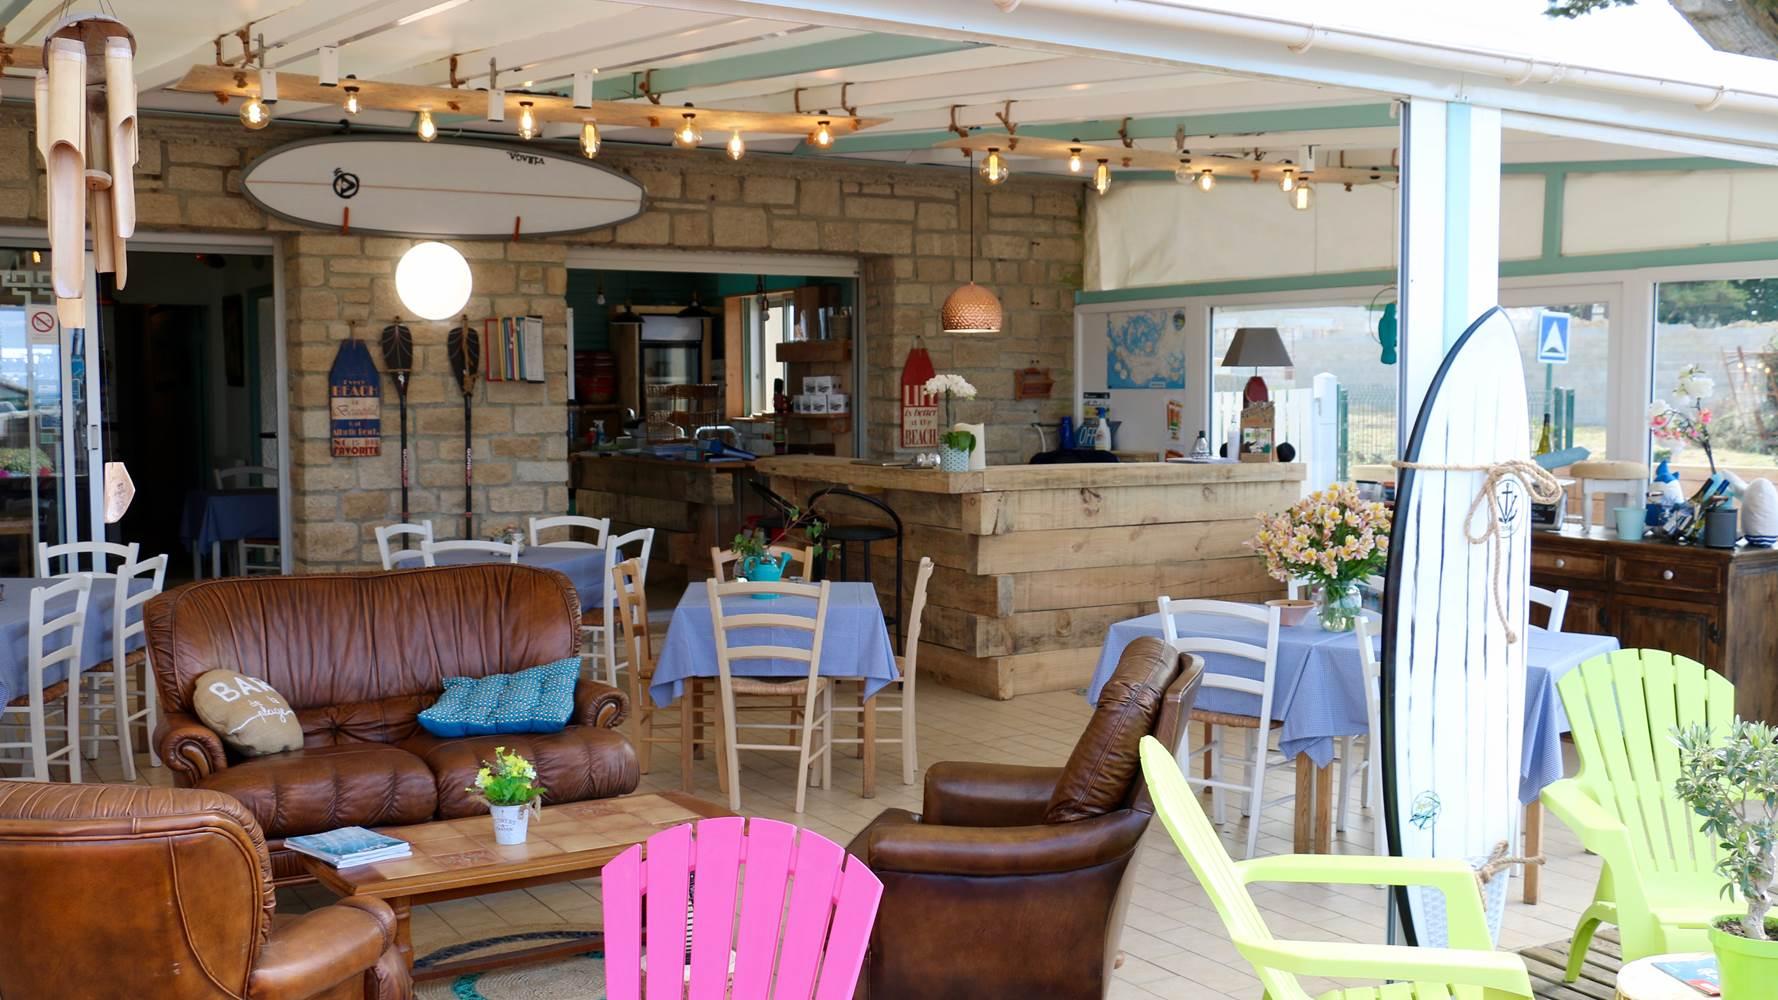 Accueil réception bar, salon et décoration bord de mer, surf, lecture... ©